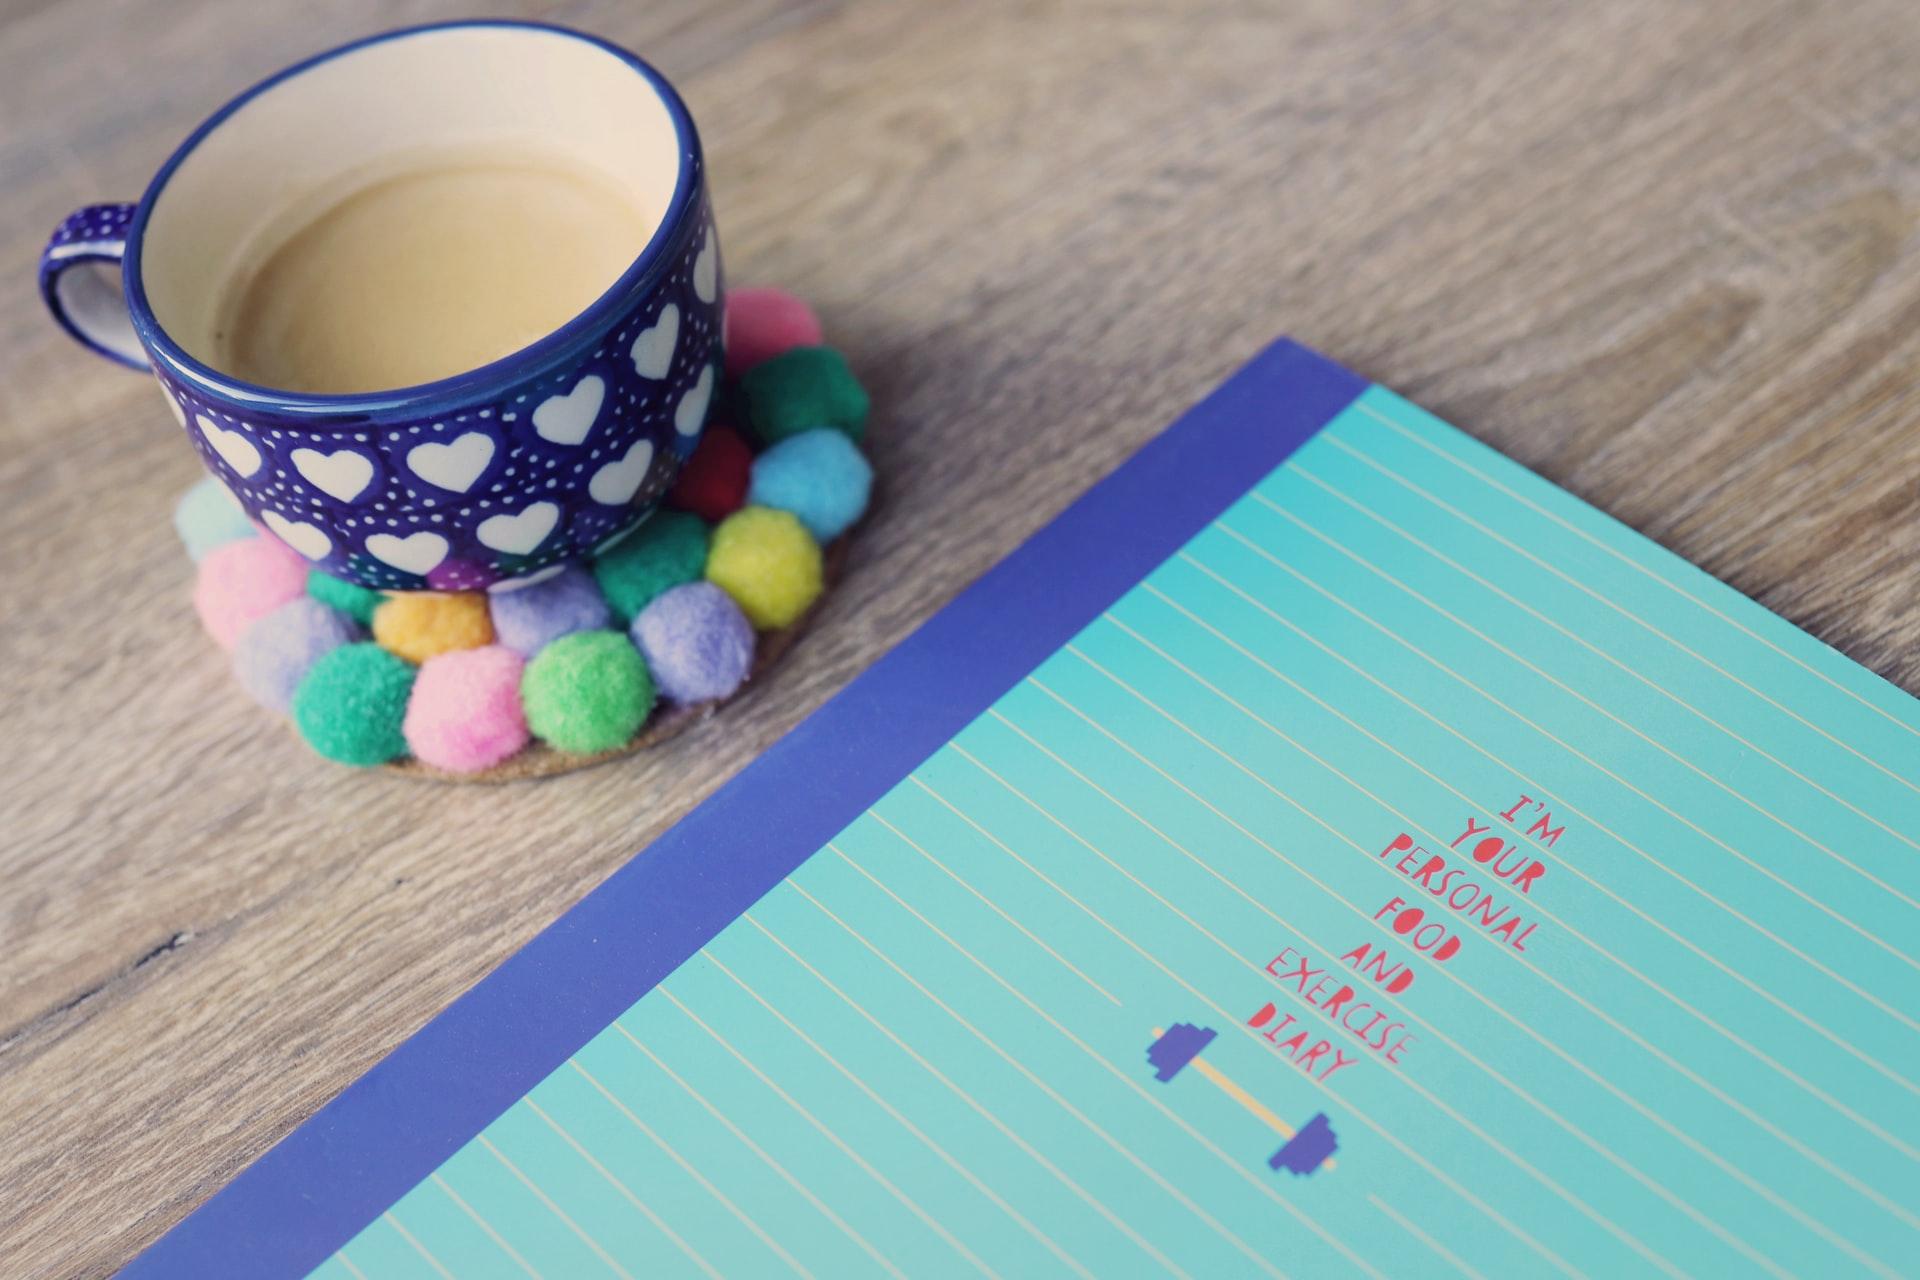 Zápisník a hrnček na stole